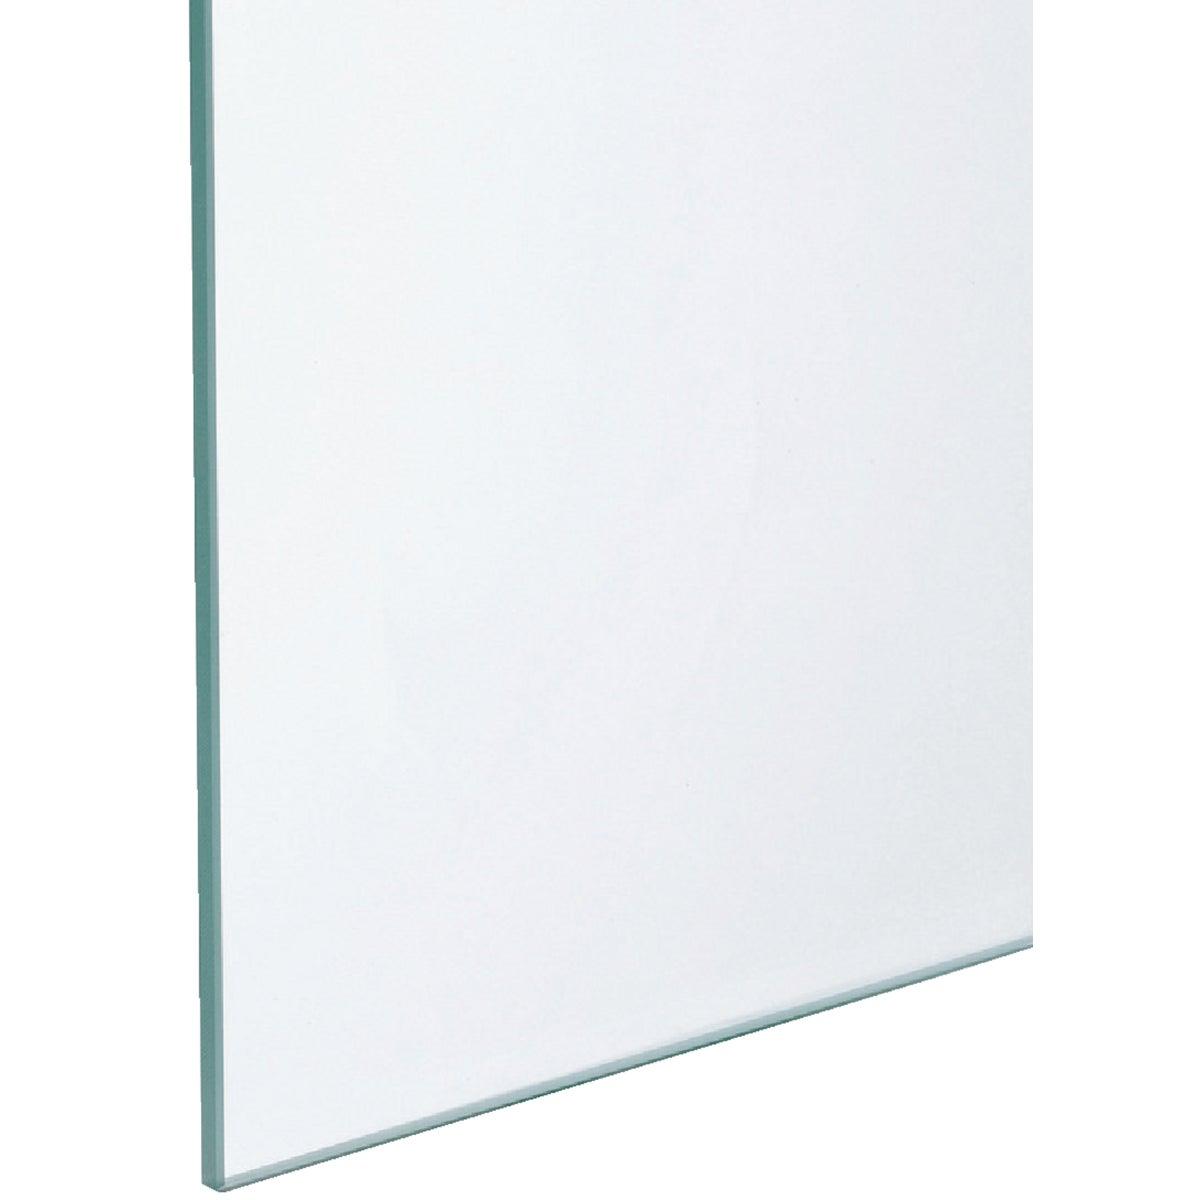 36X36DSB WINDOW GLASS 6